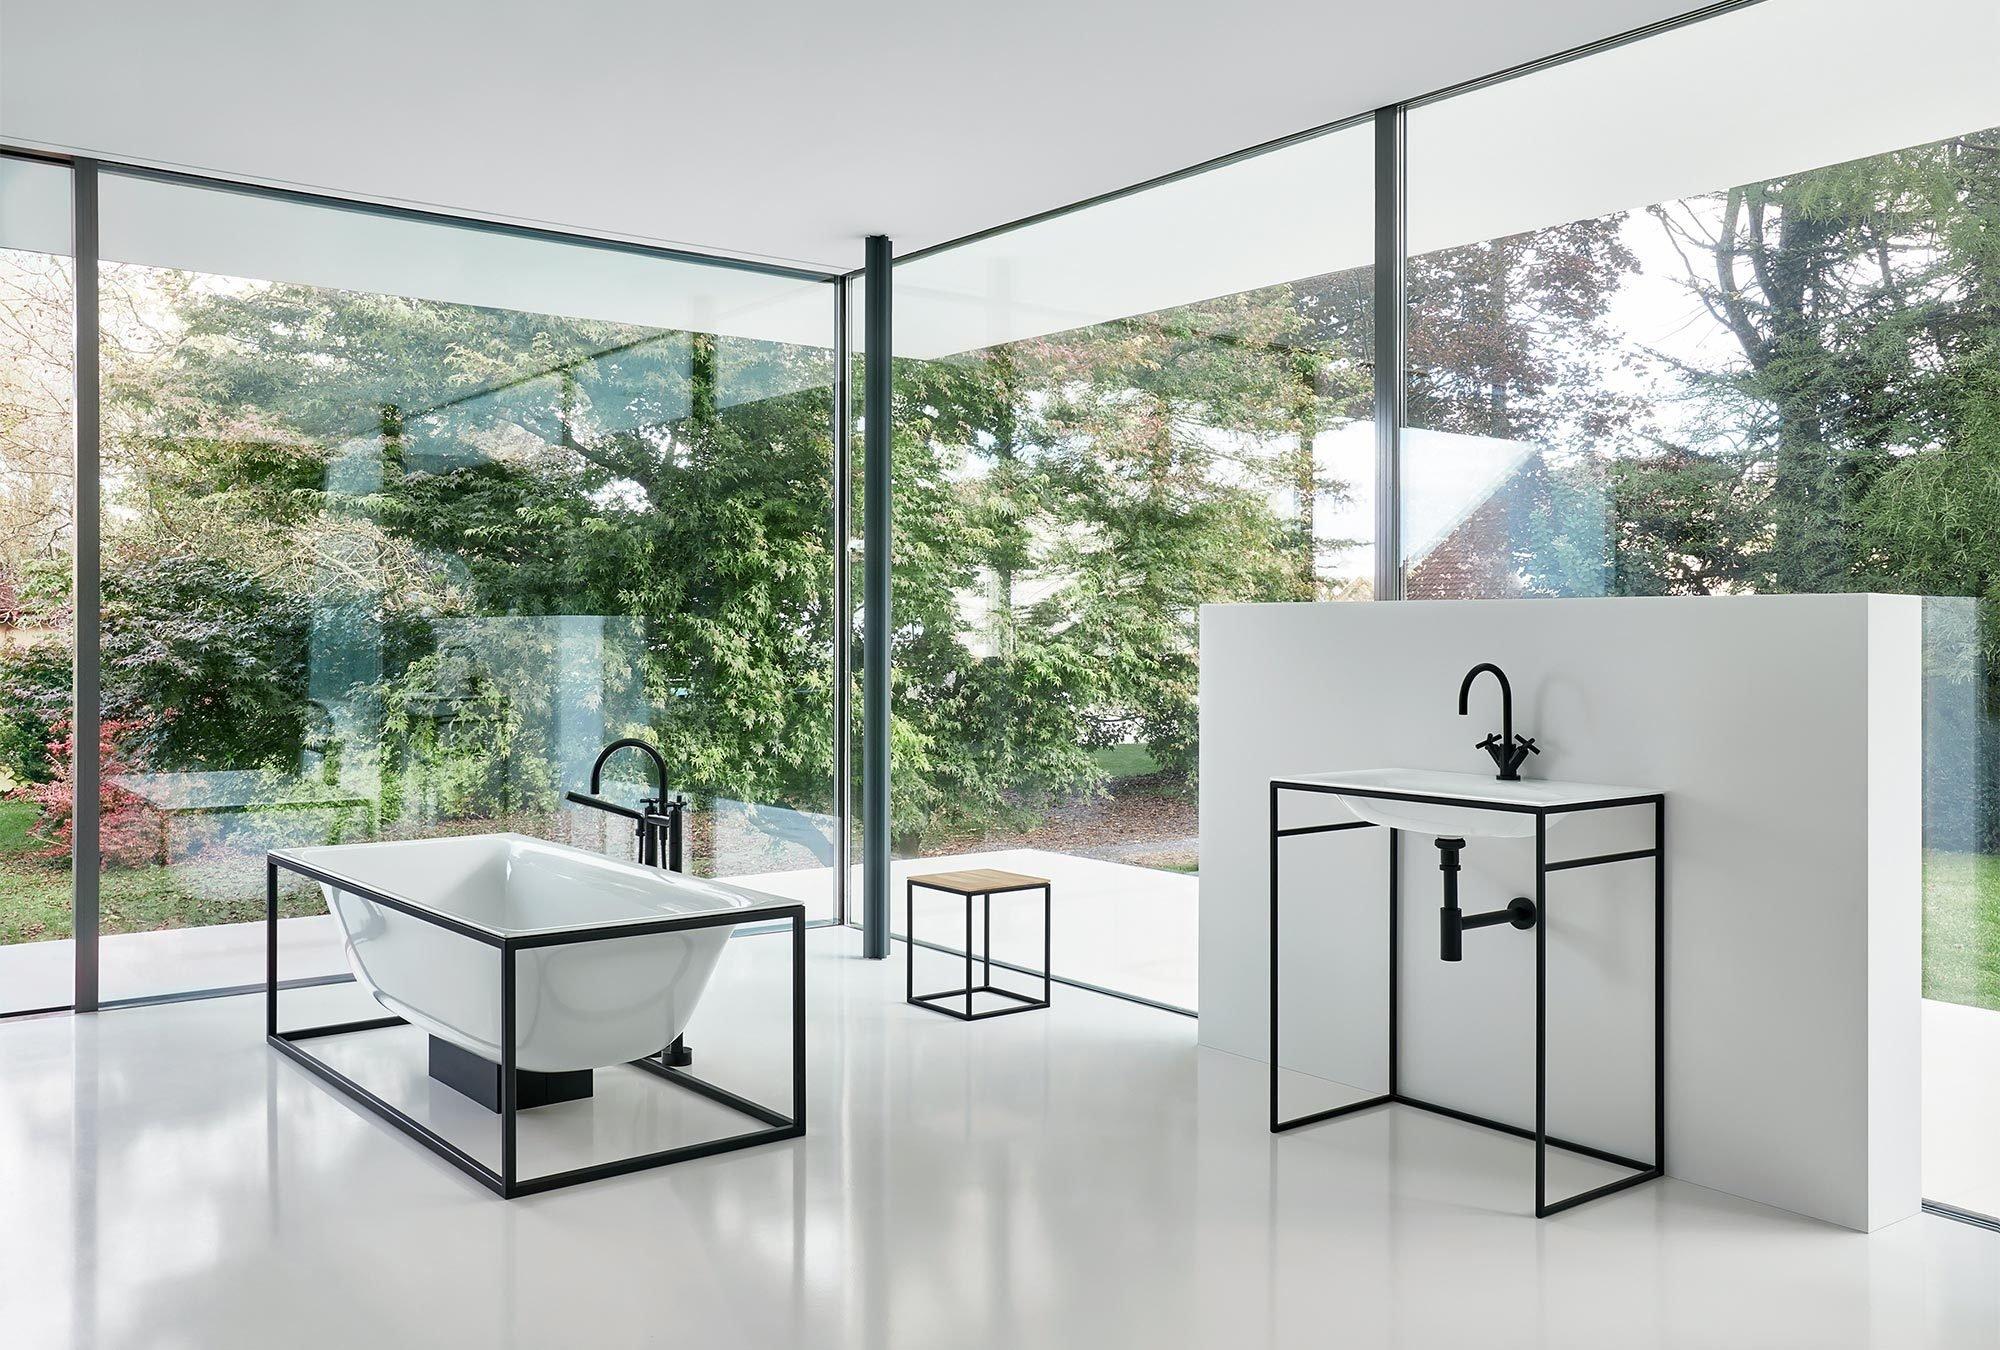 Die BetteLux Shape-Kollektion besteht aus Badewannen, Waschbecken und Accessoires, die in farbigen offenen Stahlrahmen gefasst sind.